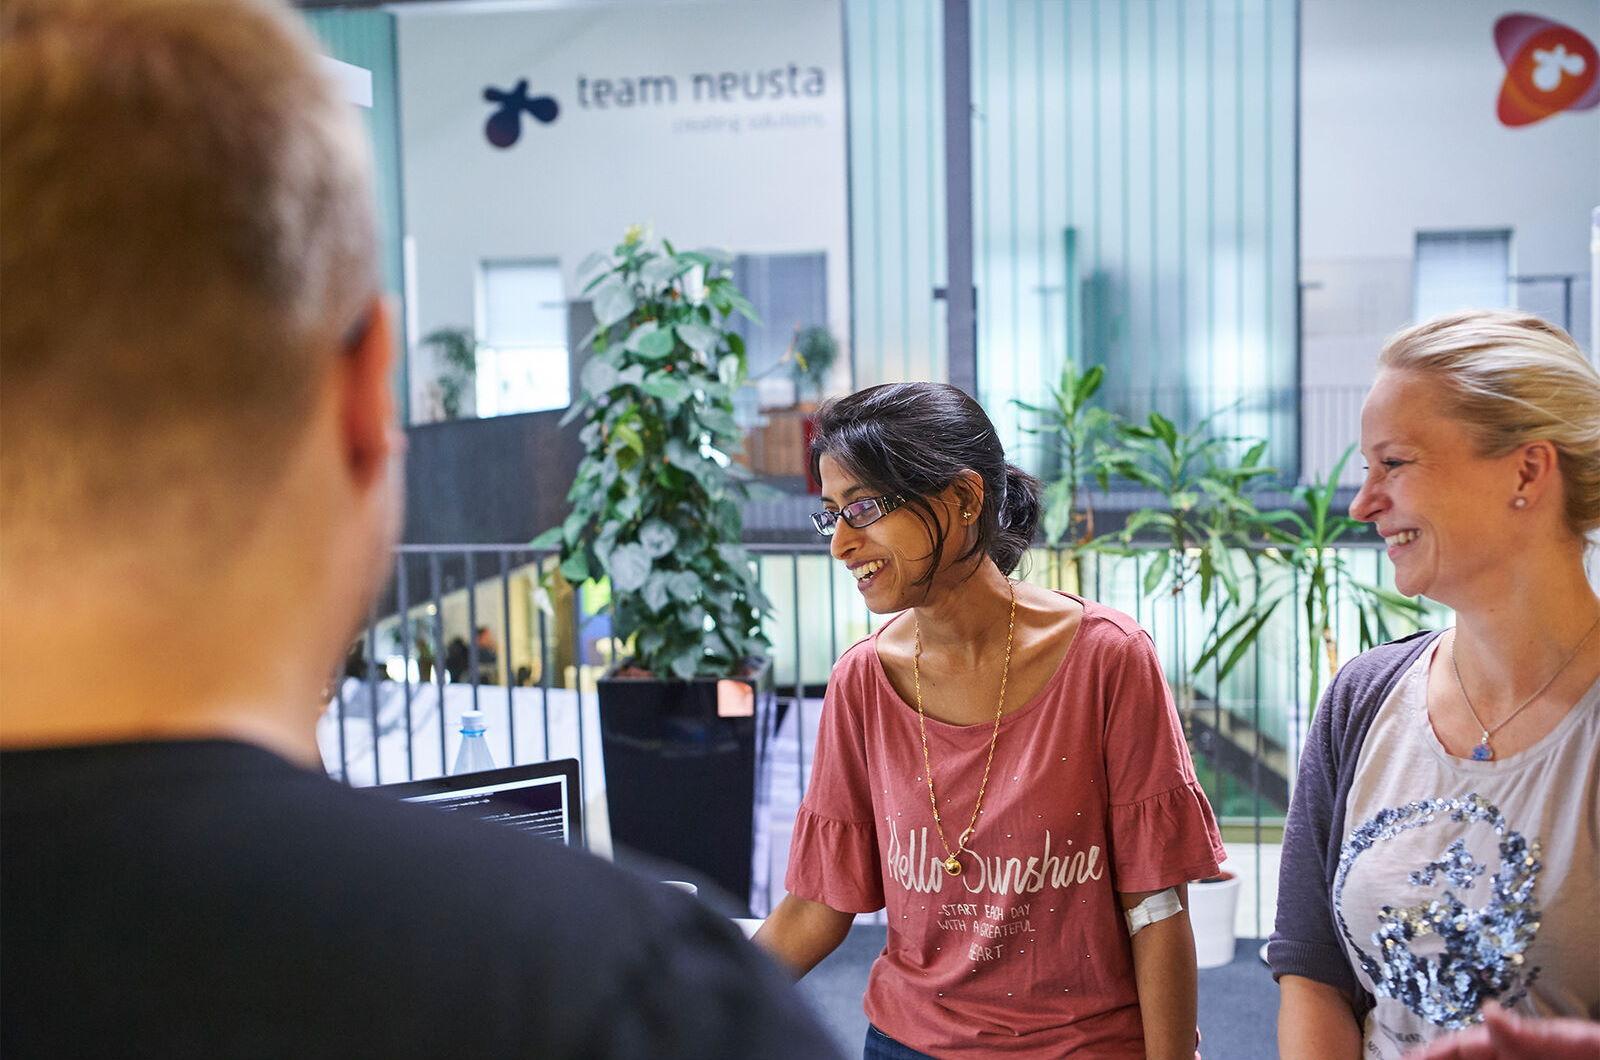 Agile:r Consultant Salesforce Sales Cloud (d/w/m) <br> - in Voll- oder Teilzeit - - Job Bremen - Jobs | team neusta Karriereportal